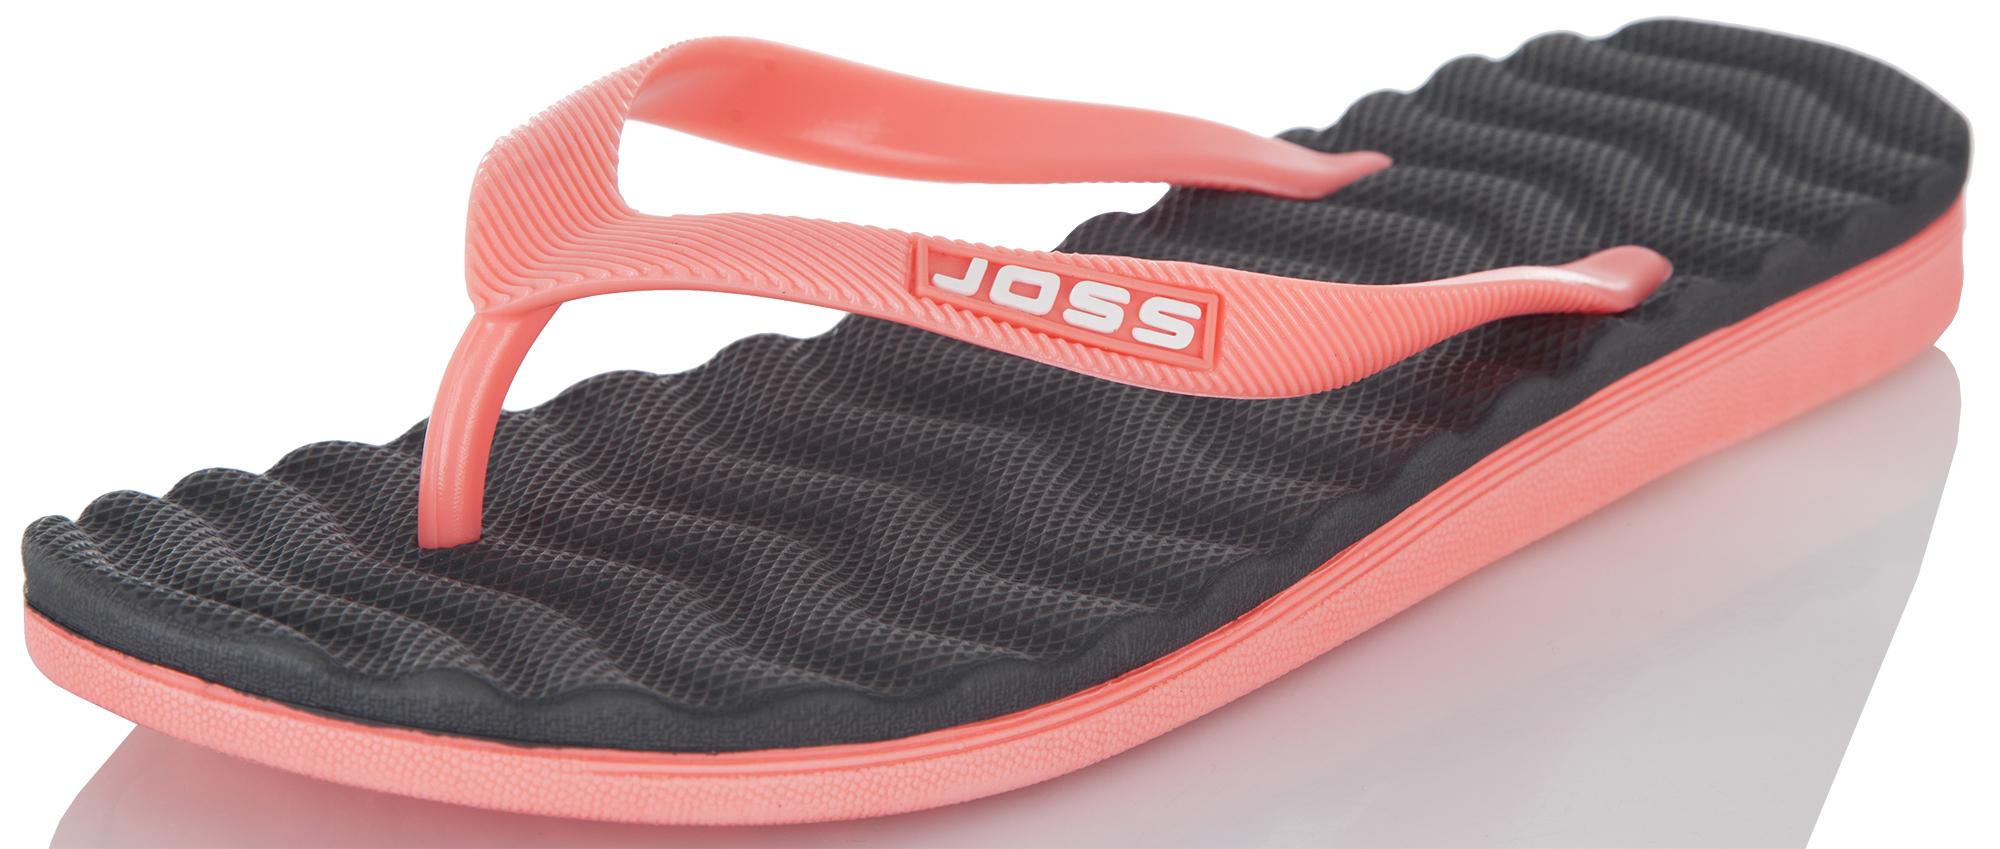 Joss Шлепанцы женские Joss Airlight, размер 38 цена